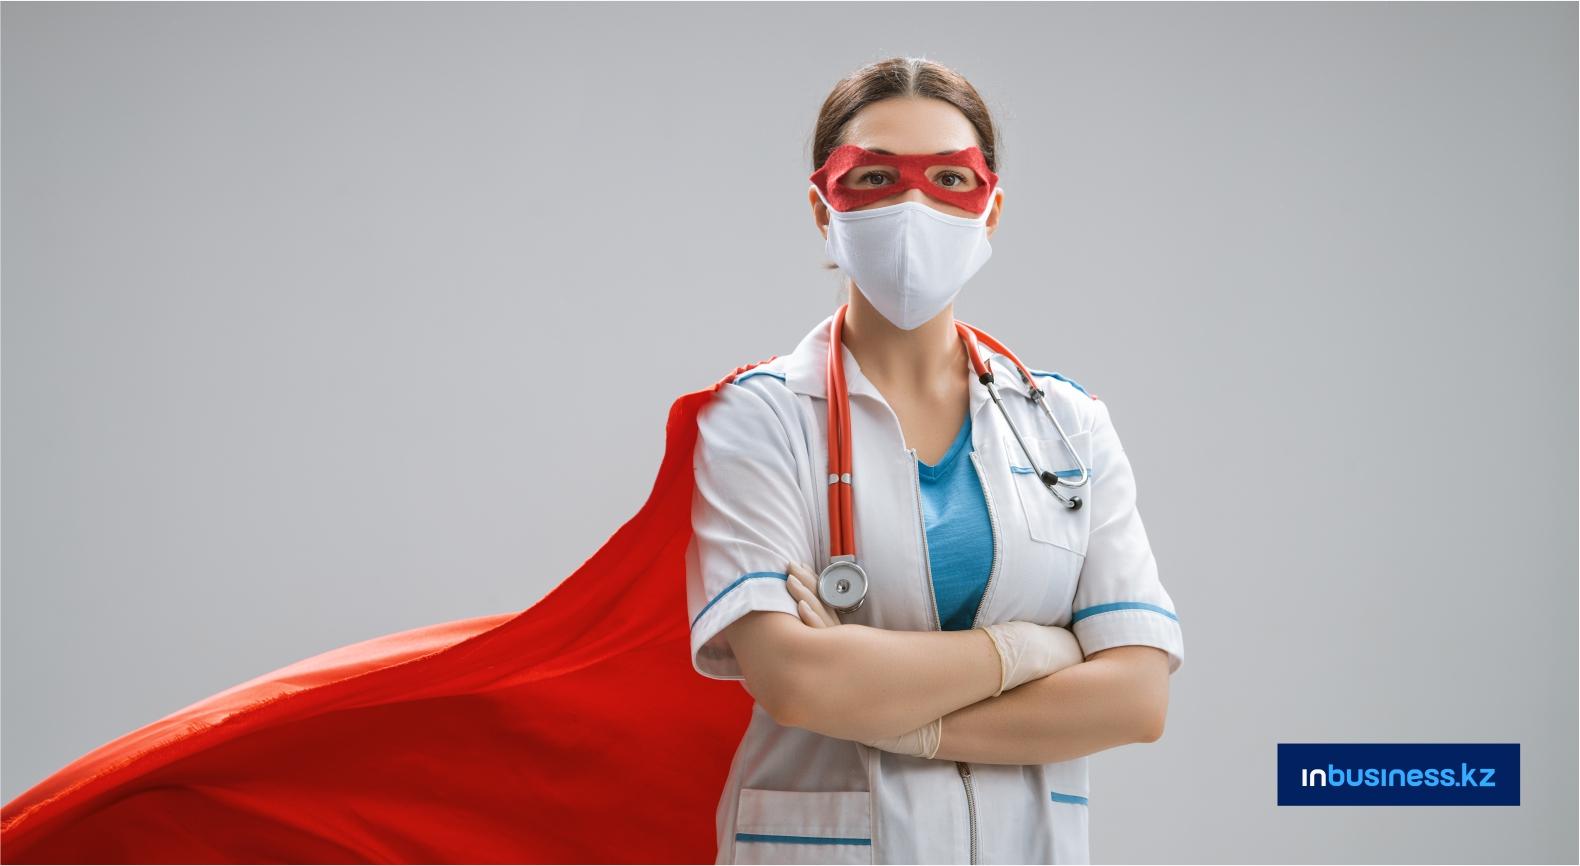 Распространение коронавируса снизится зимой, но грипп может оказаться страшнее – ученые